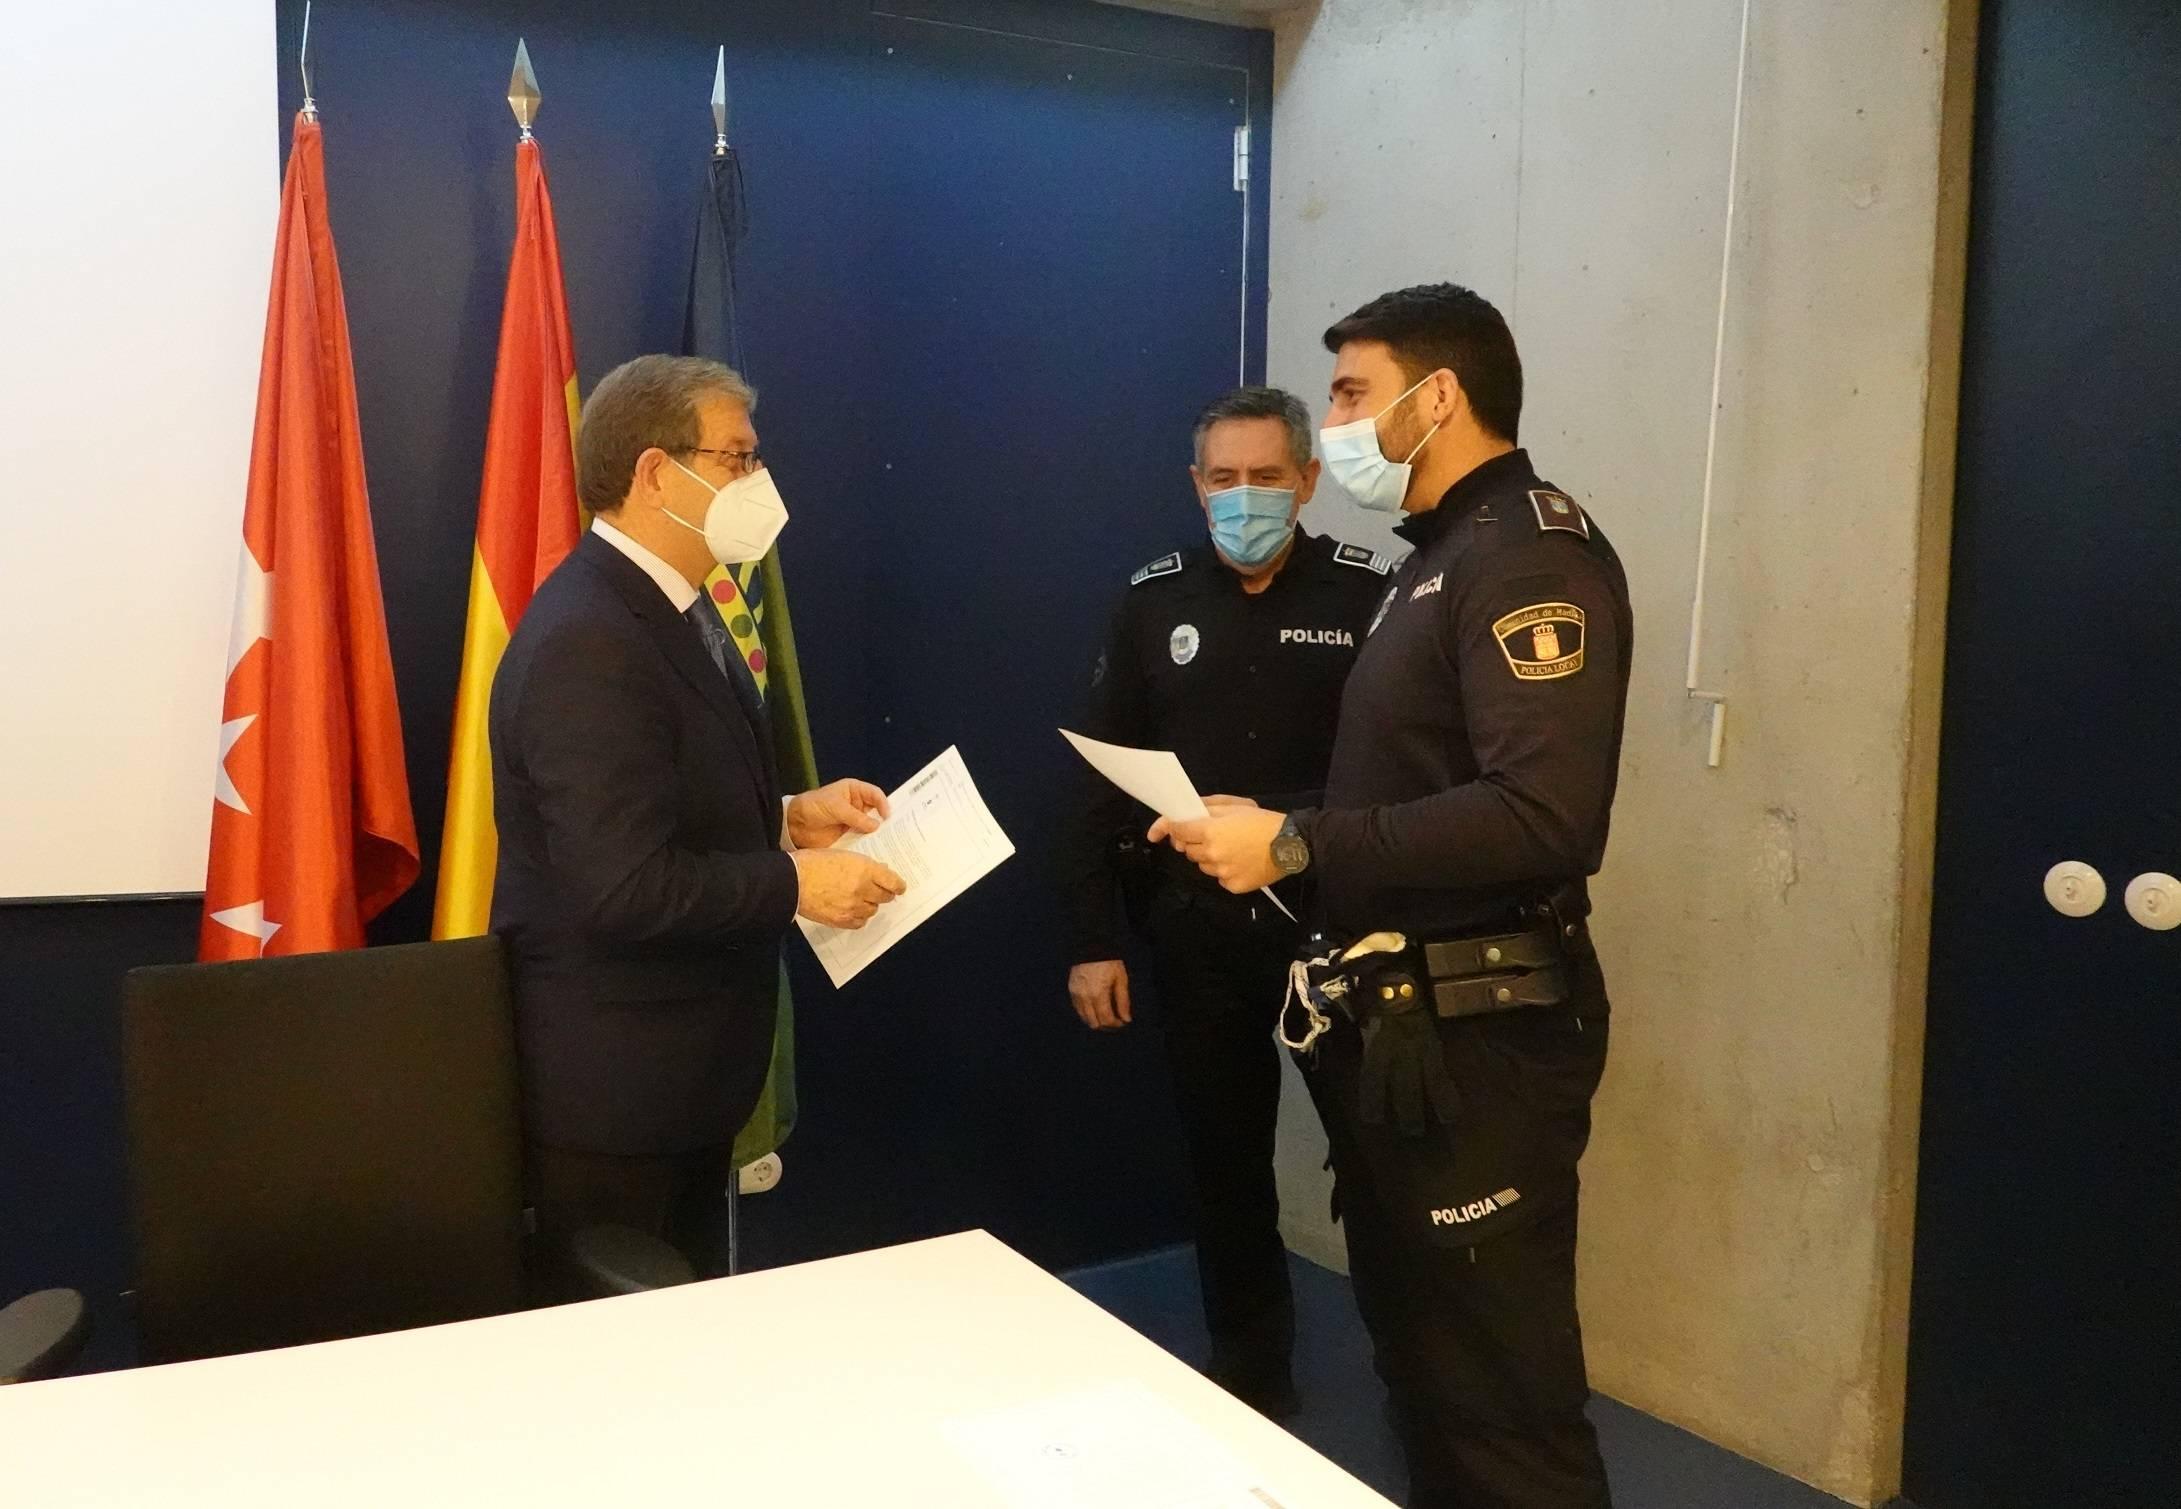 Acto de entrega de cartas de reconocimiento a miembros de Policía Local.